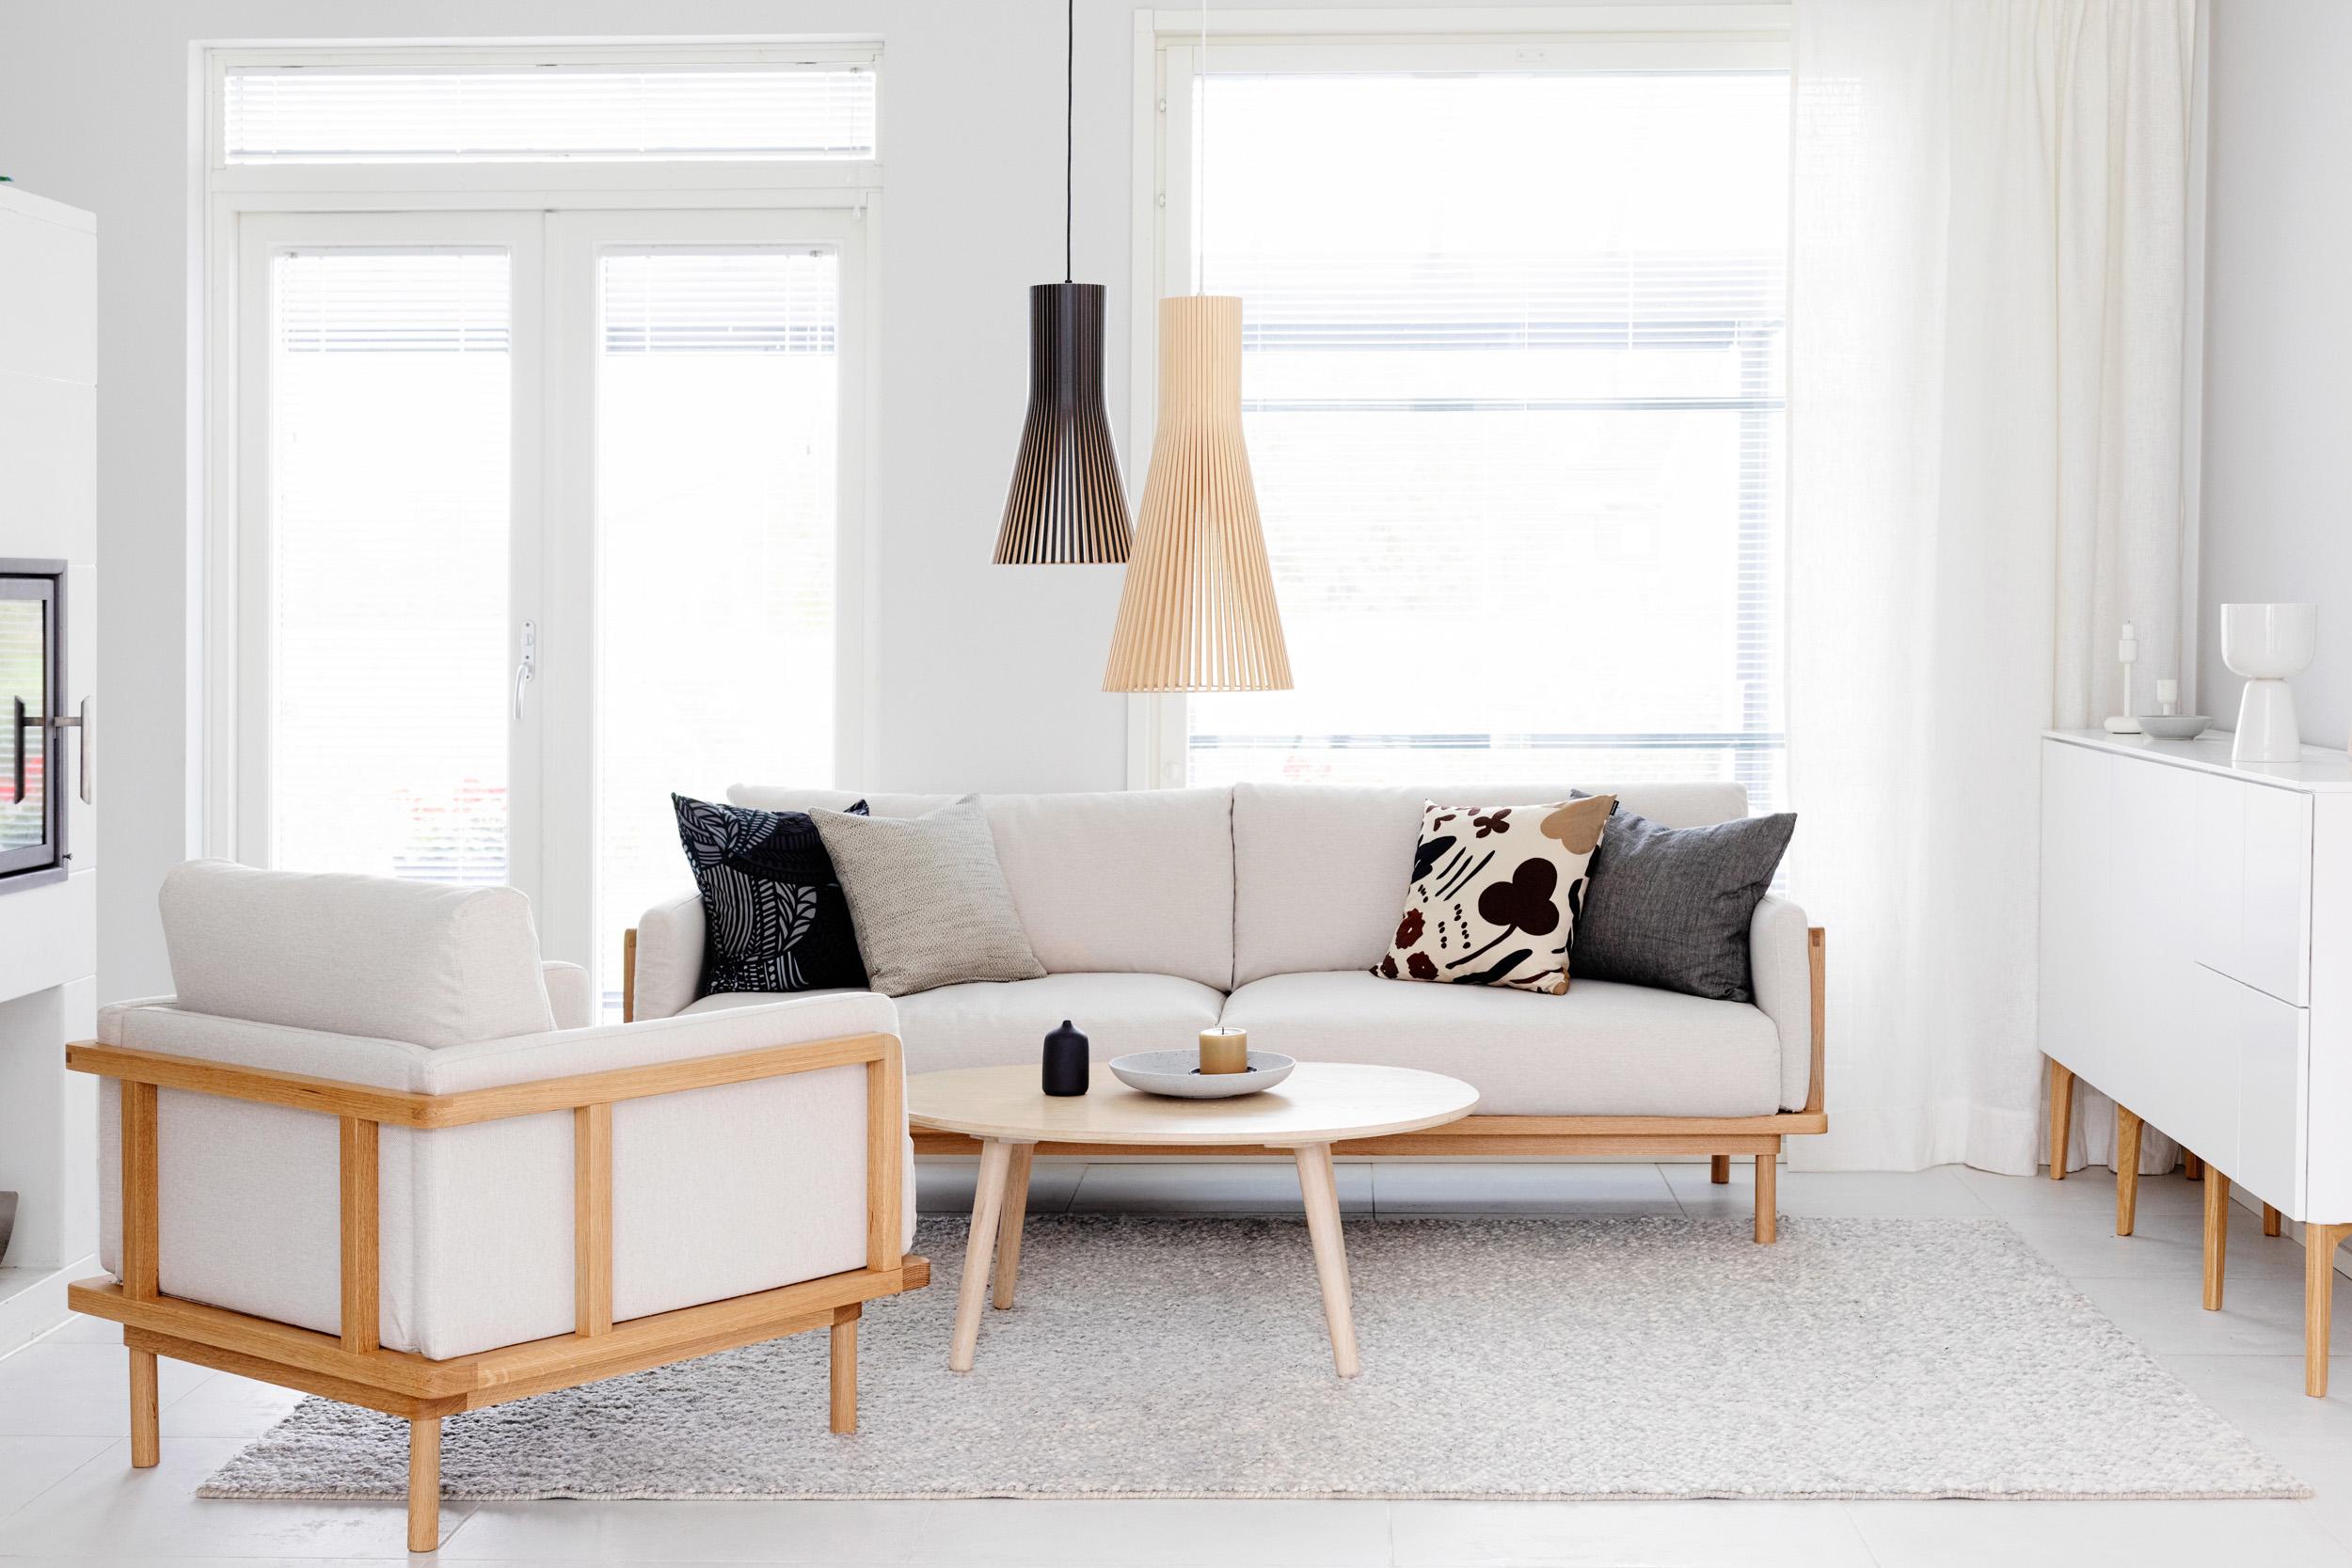 Framework 3-istuttava sohva tammi puut / Stark kangas